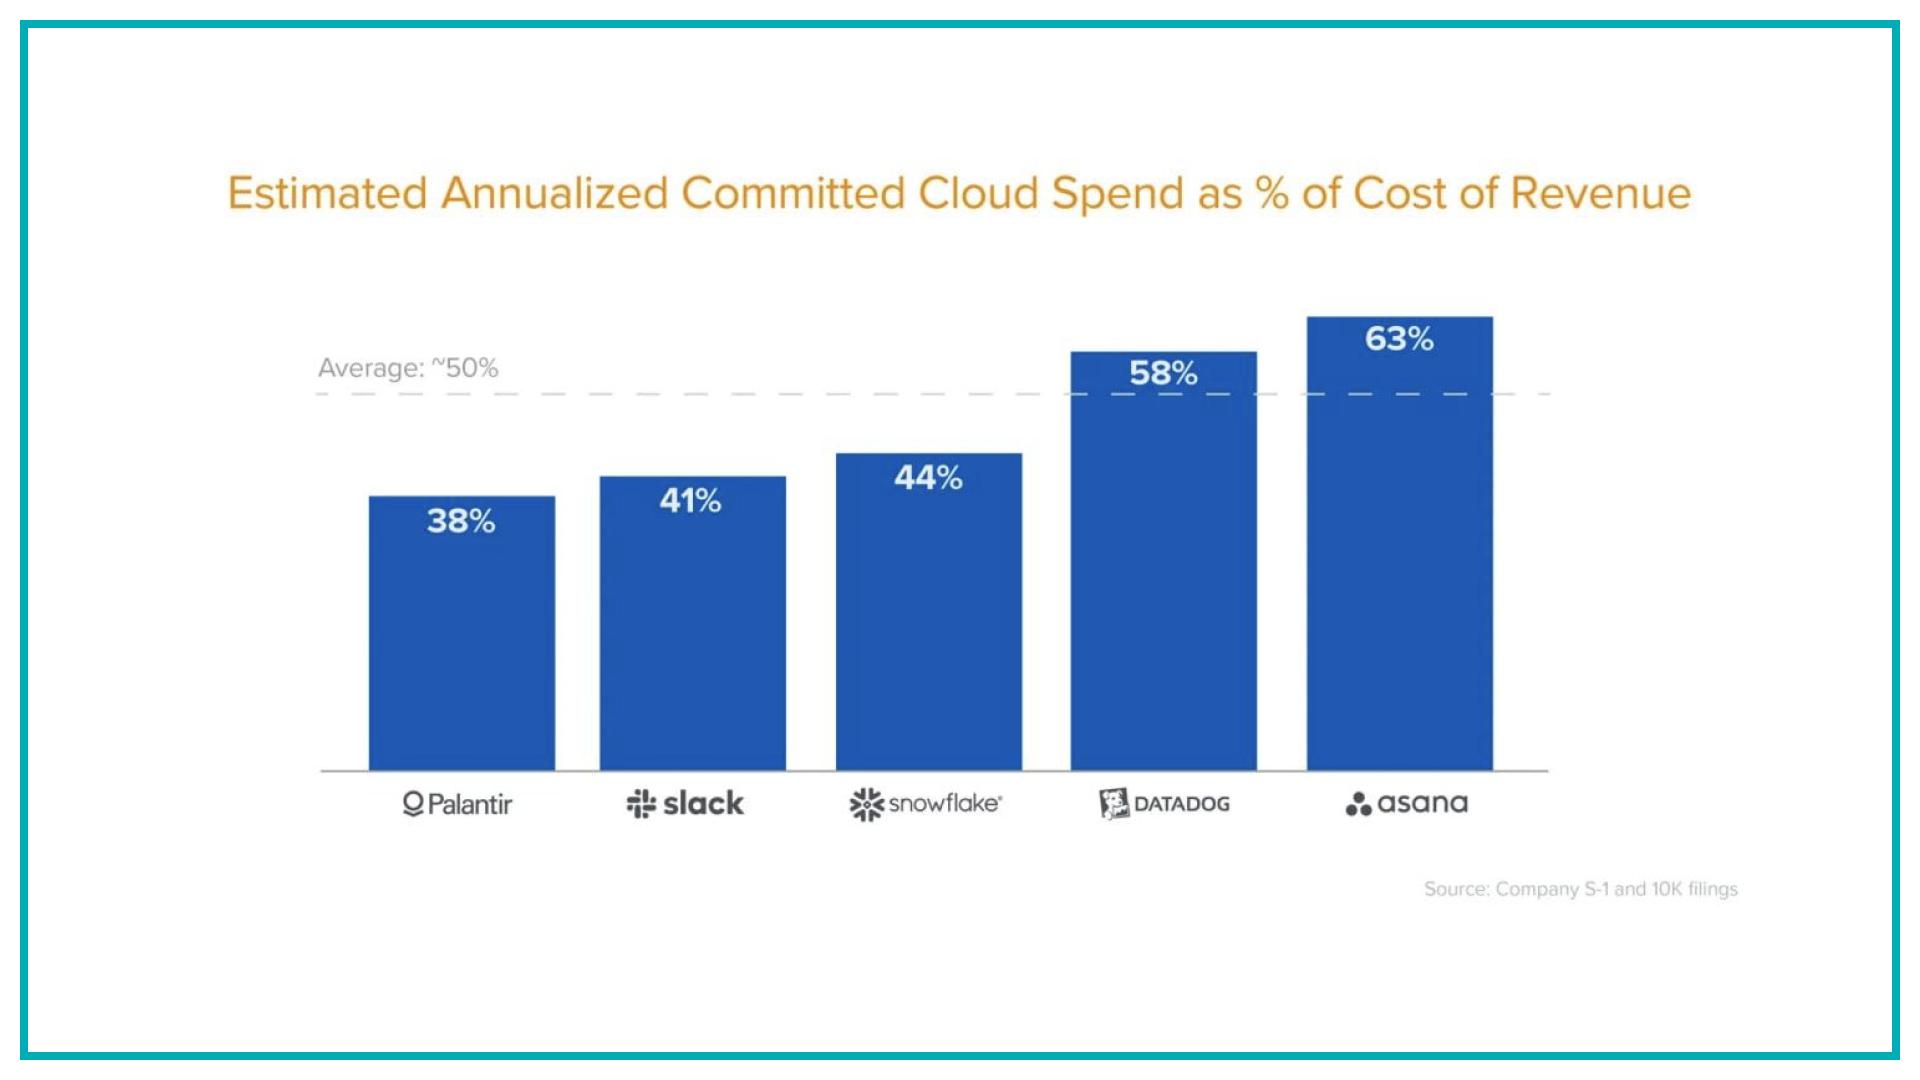 Использование облака выгодно компаниям на старте (дает гибкость и масштабируемость), но перестает быть выгодным на масштабе (сильно бьет по маржинальности и стоимости компании)